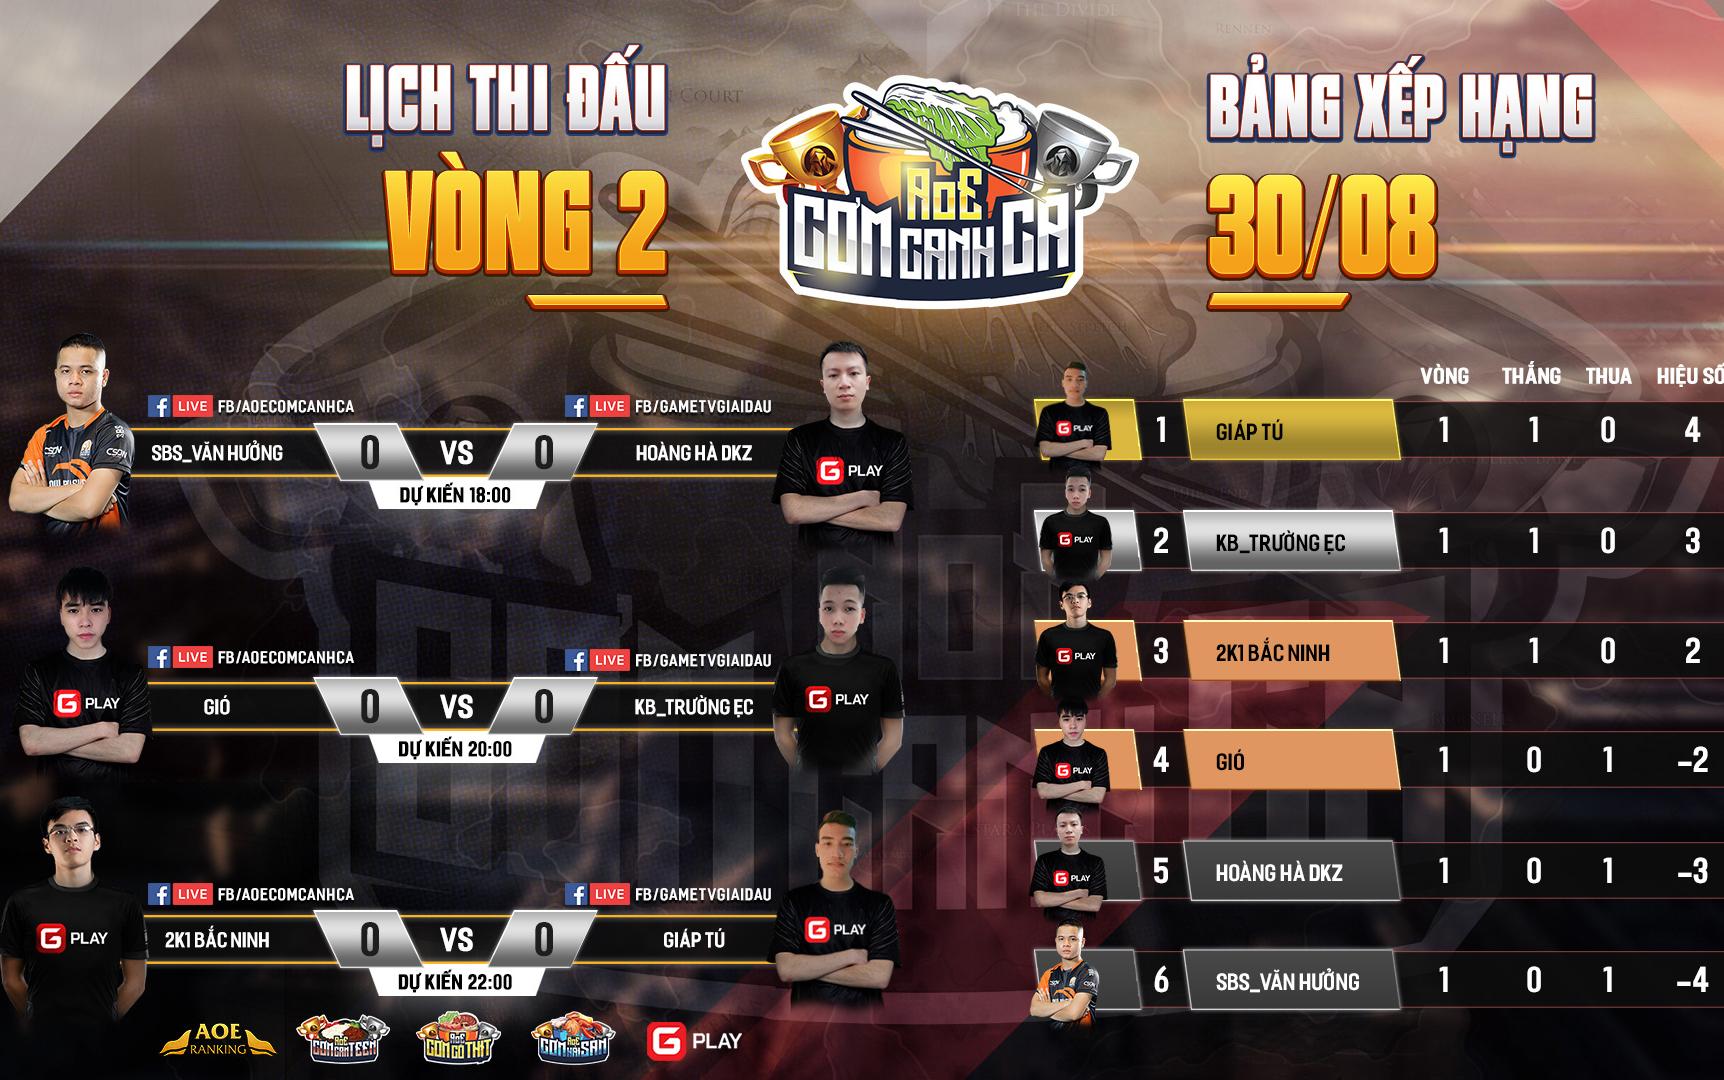 Lịch thi đấu vòng League giải AoE Cơm Canh Cà lần 3 ngày 1: Tài năng trẻ tỏa sáng, AoE Cơm Canh Cà trở nên khó lường.